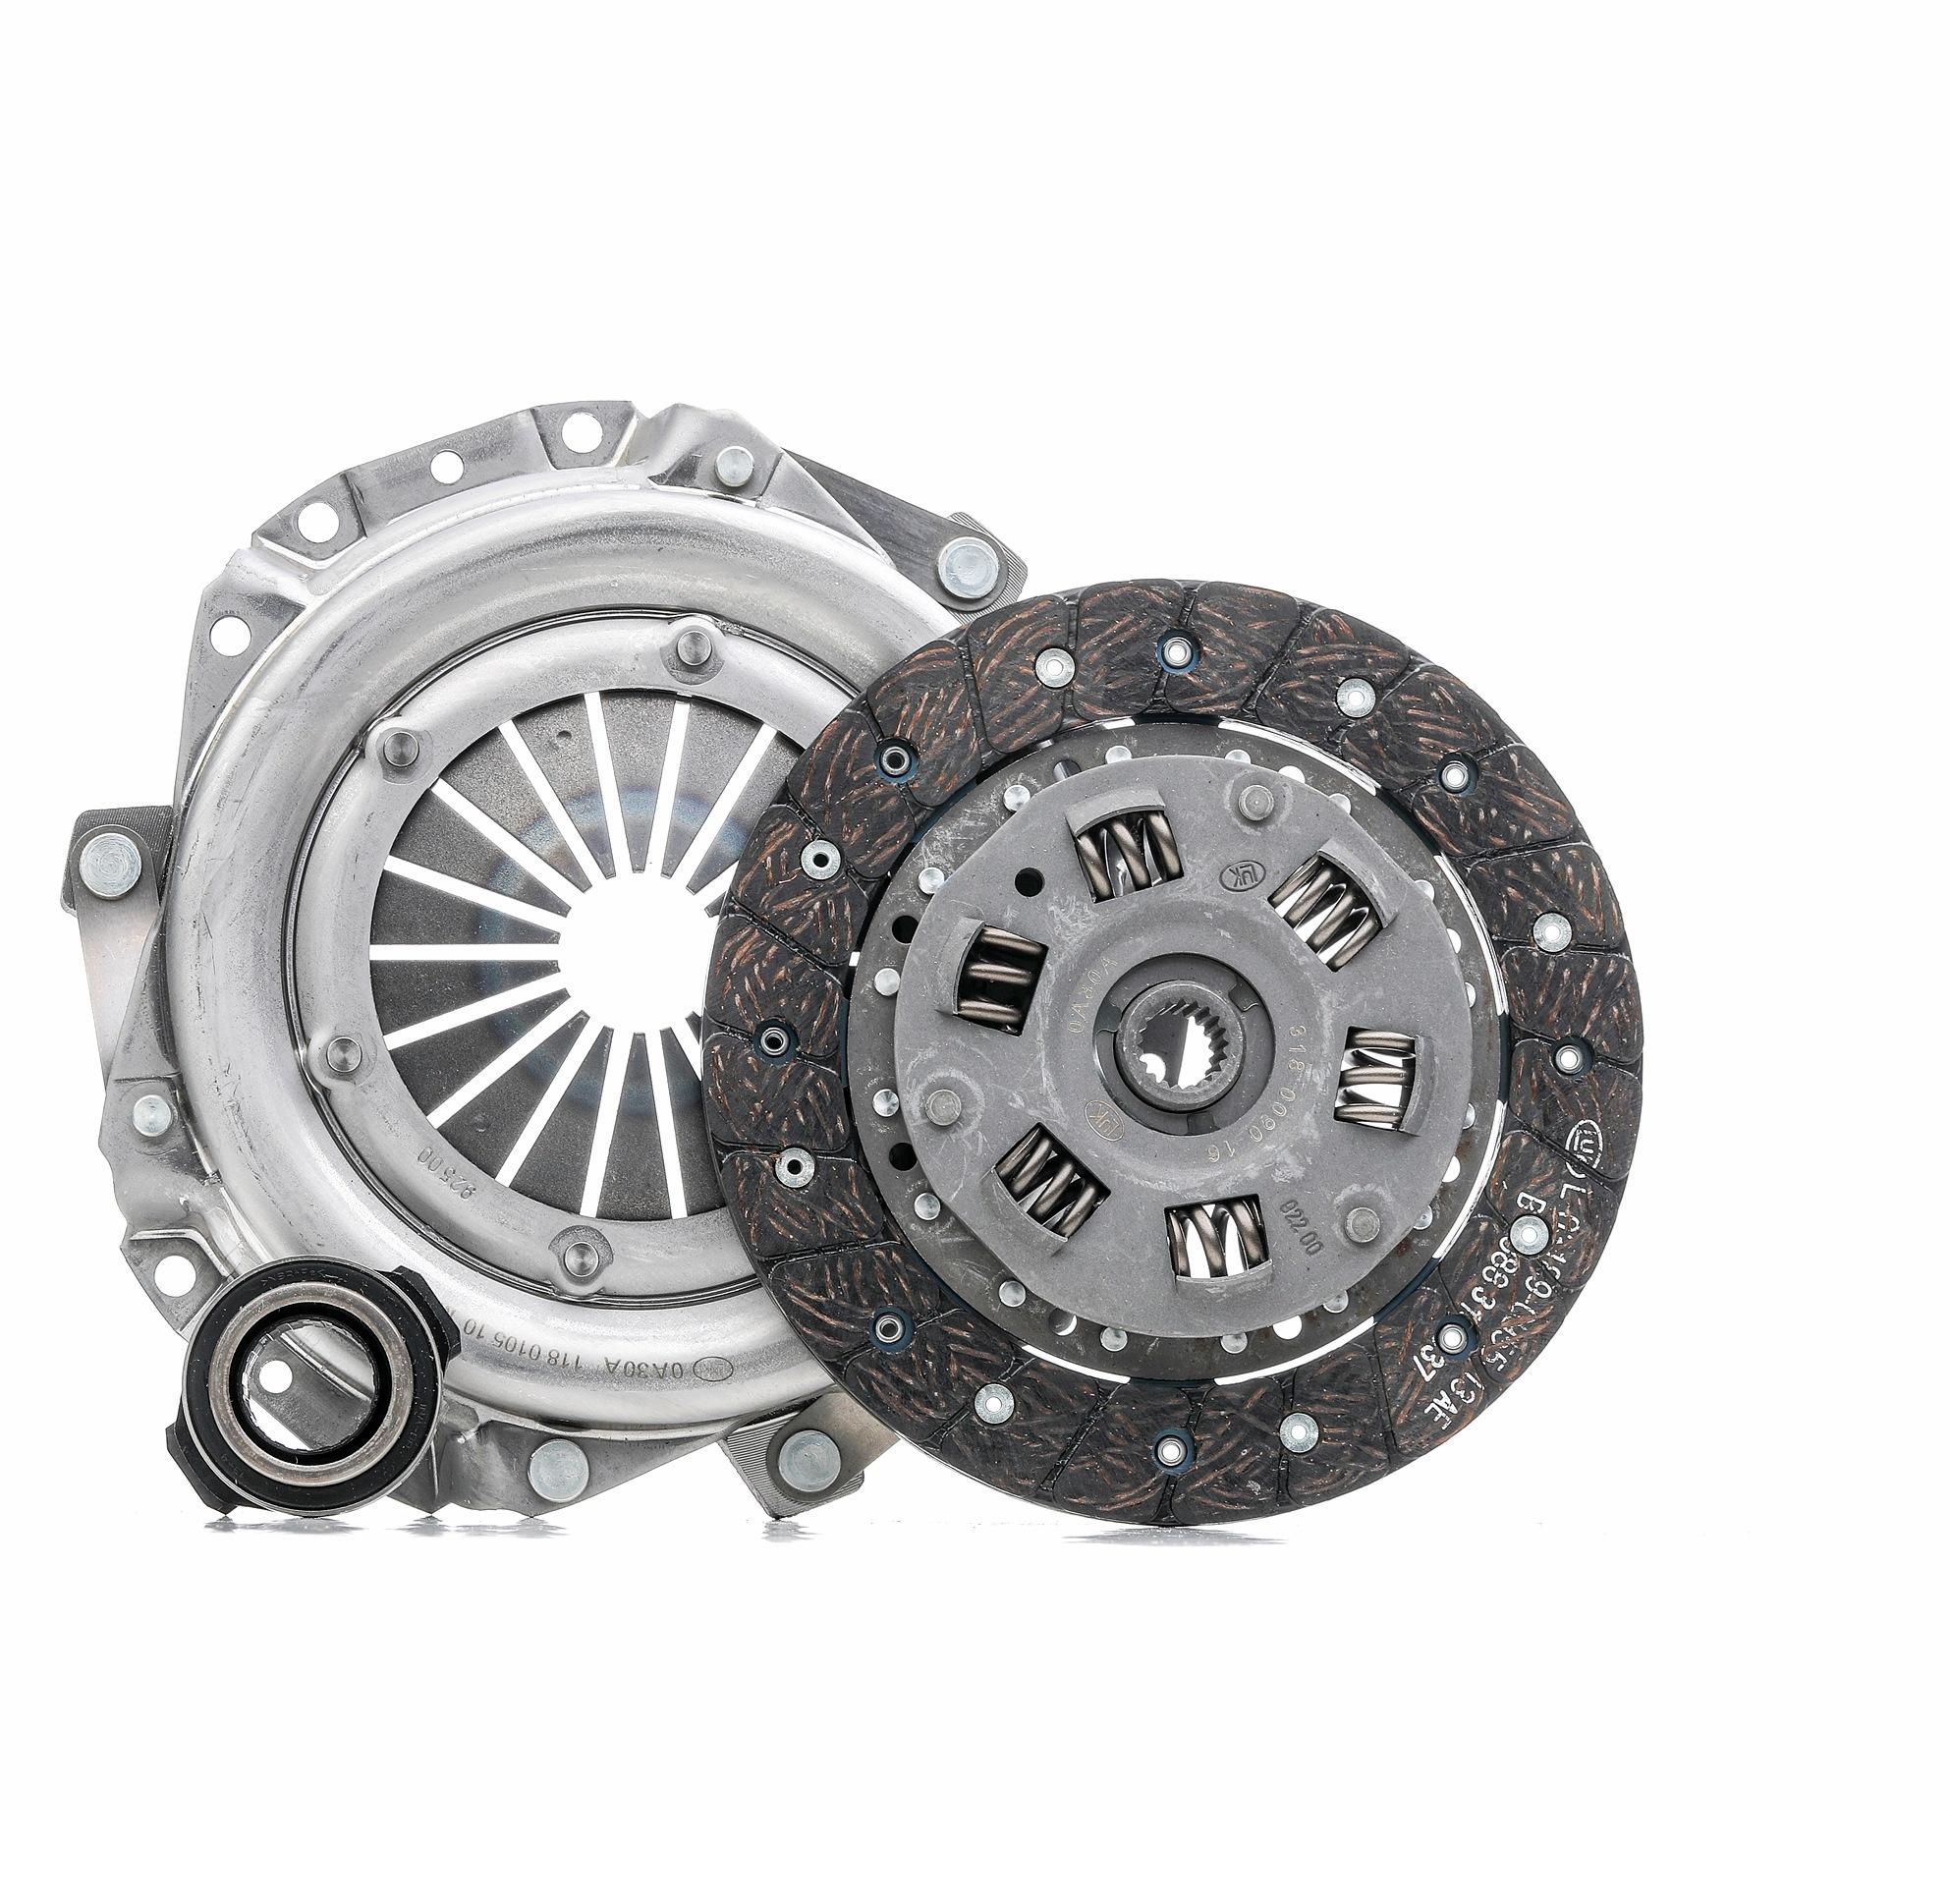 Achetez Tuning LuK 618 0171 06 (Ø: 180mm) à un rapport qualité-prix exceptionnel